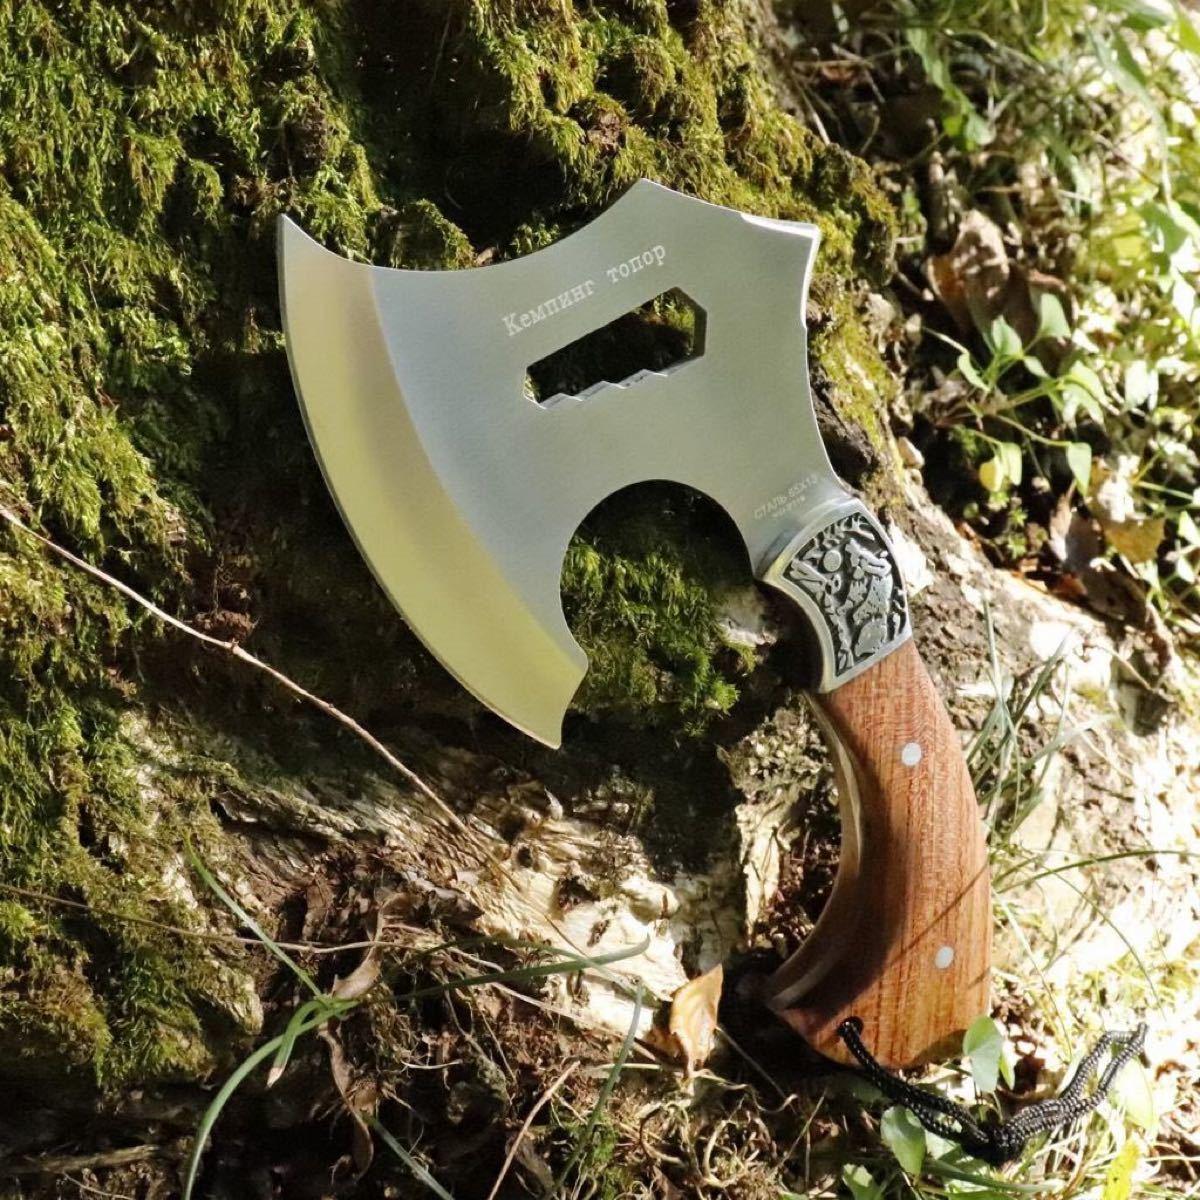 デザイン手斧 軽量 頑丈 キャンプ アウトドア コンパクト 切れ味 フォールディングナイフ 斧